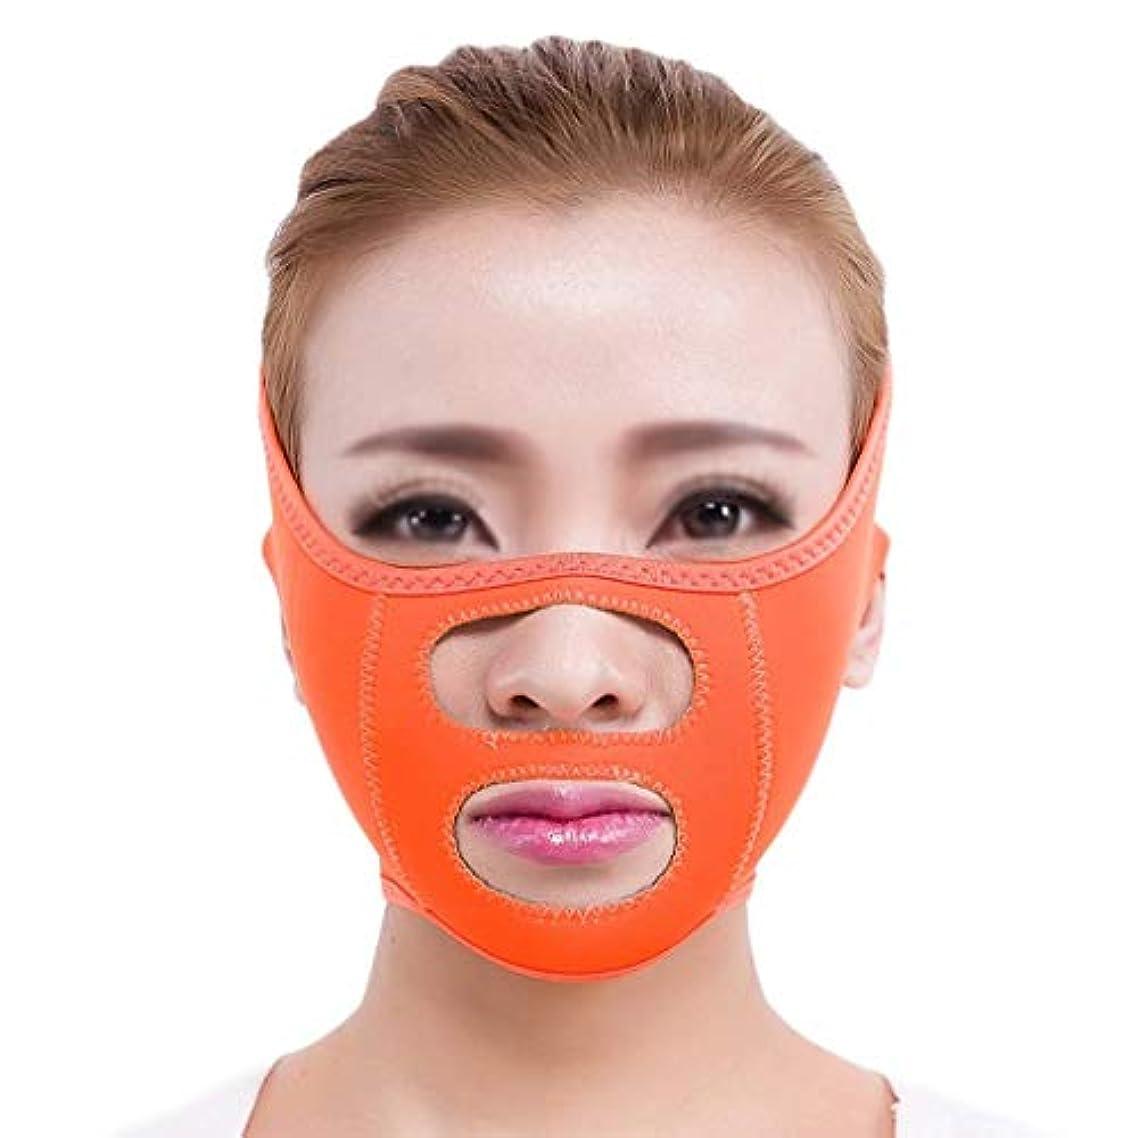 分布起点減衰チンストラップ、フェイスリフティングマスク、ダブルチン、フェイスリフティングに最適、リフティングフェイシャルスキン、フェイシャル減量マスク、フェイスリフティングベルト(フリーサイズ)(カラー:ブルー),オレンジ